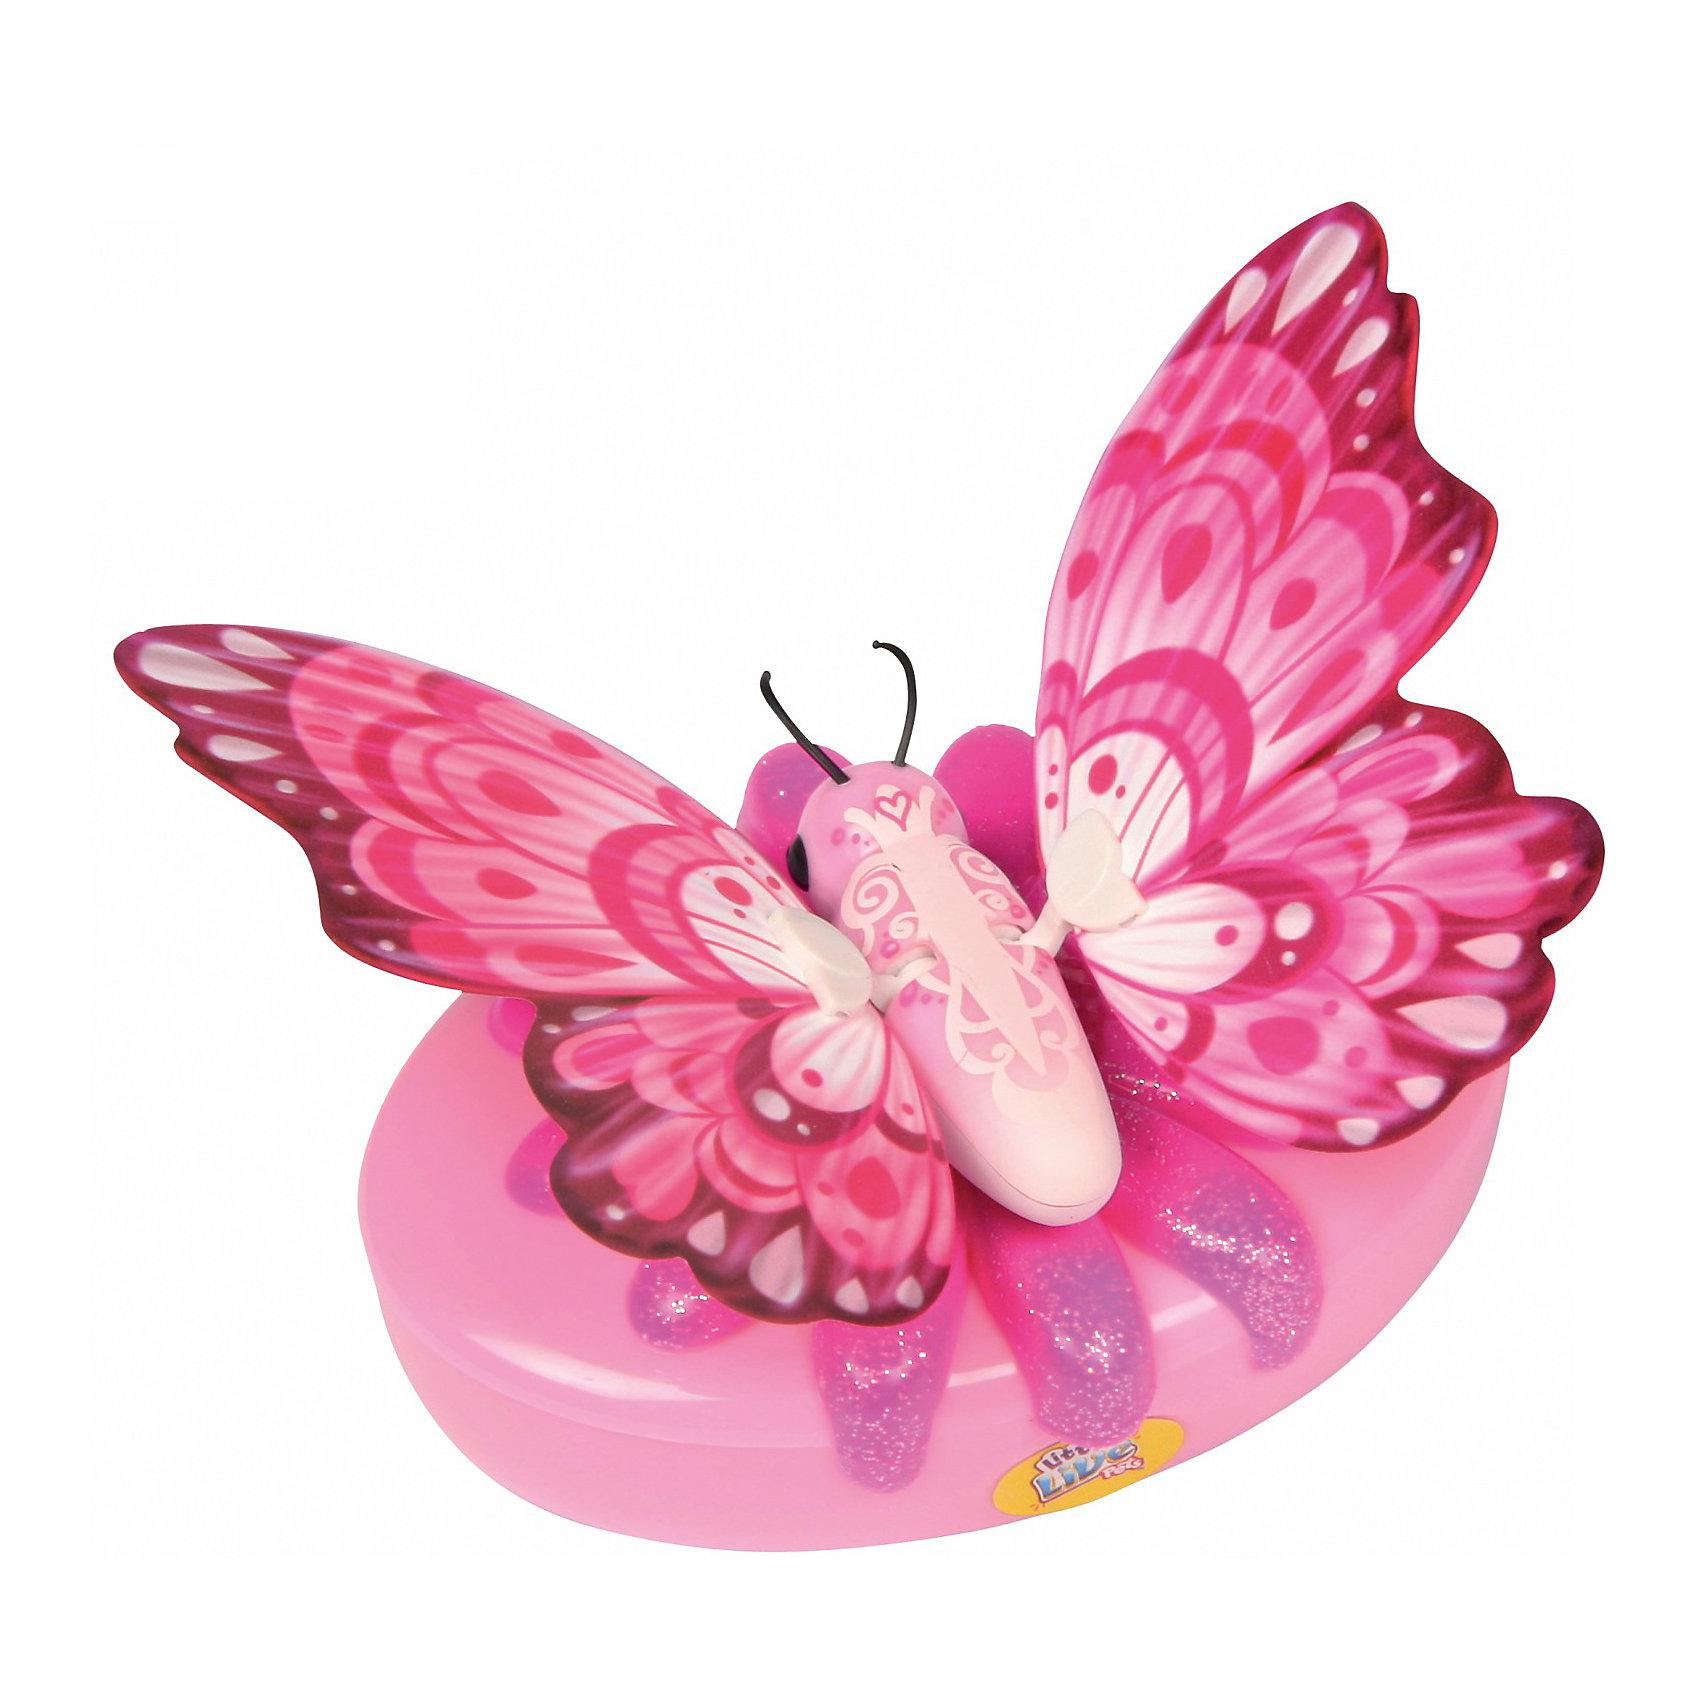 Бабочка Little live Pets Перламутровка, MooseБабочка Little Live Pets Перламутровка, Moose - оригинальная необычная игрушка, которая вызовет восторг у Вашей девочки и станет ее любимой питомицей. Чудесные красочные бабочки серии Little Live Pets от известной австралийской компании обладают интерактивными функциями, которые делают их похожими на настоящих живых бабочек. Все бабочки выполнены очень реалистично, каждая имеет свою окраску и индивидуальные особенности.<br><br>Бабочка Перламутровка с нежной розовой-перламутровой окраской умеет трепетать и махать крылышками. Посадите ее на руку, и она начнет хлопать крылышками с характерным звуком. Бабочка может сидеть не только на руке, но также на окне или любой другой поверхности с помощью специальной присоски, входящей в комплект. Подзаряжается необычная питомица с помощью специального аккумулятора в виде цветка, у каждой бабочки свой особенный цветок.<br><br>Дополнительная информация:<br><br>- Длина тела бабочки – 4,5 см<br>- Размах крыльев около 11,5 см.<br>- В комплекте: 1 бабочка, 1 зарядное устройство, присоска. <br>- Материал: пластмасса.<br>- Для работы игрушки требуются 2 батарейки типа АА (не входят в комплект).<br>- Размер упаковки: 18 x 5 x 22,1 см.<br>- Вес: 0,17 кг.<br><br>Бабочку Little Live Pets Перламутровка, Moose можно купить в нашем интернет-магазине.<br><br>Ширина мм: 180<br>Глубина мм: 50<br>Высота мм: 22<br>Вес г: 170<br>Возраст от месяцев: 60<br>Возраст до месяцев: 168<br>Пол: Женский<br>Возраст: Детский<br>SKU: 3808393